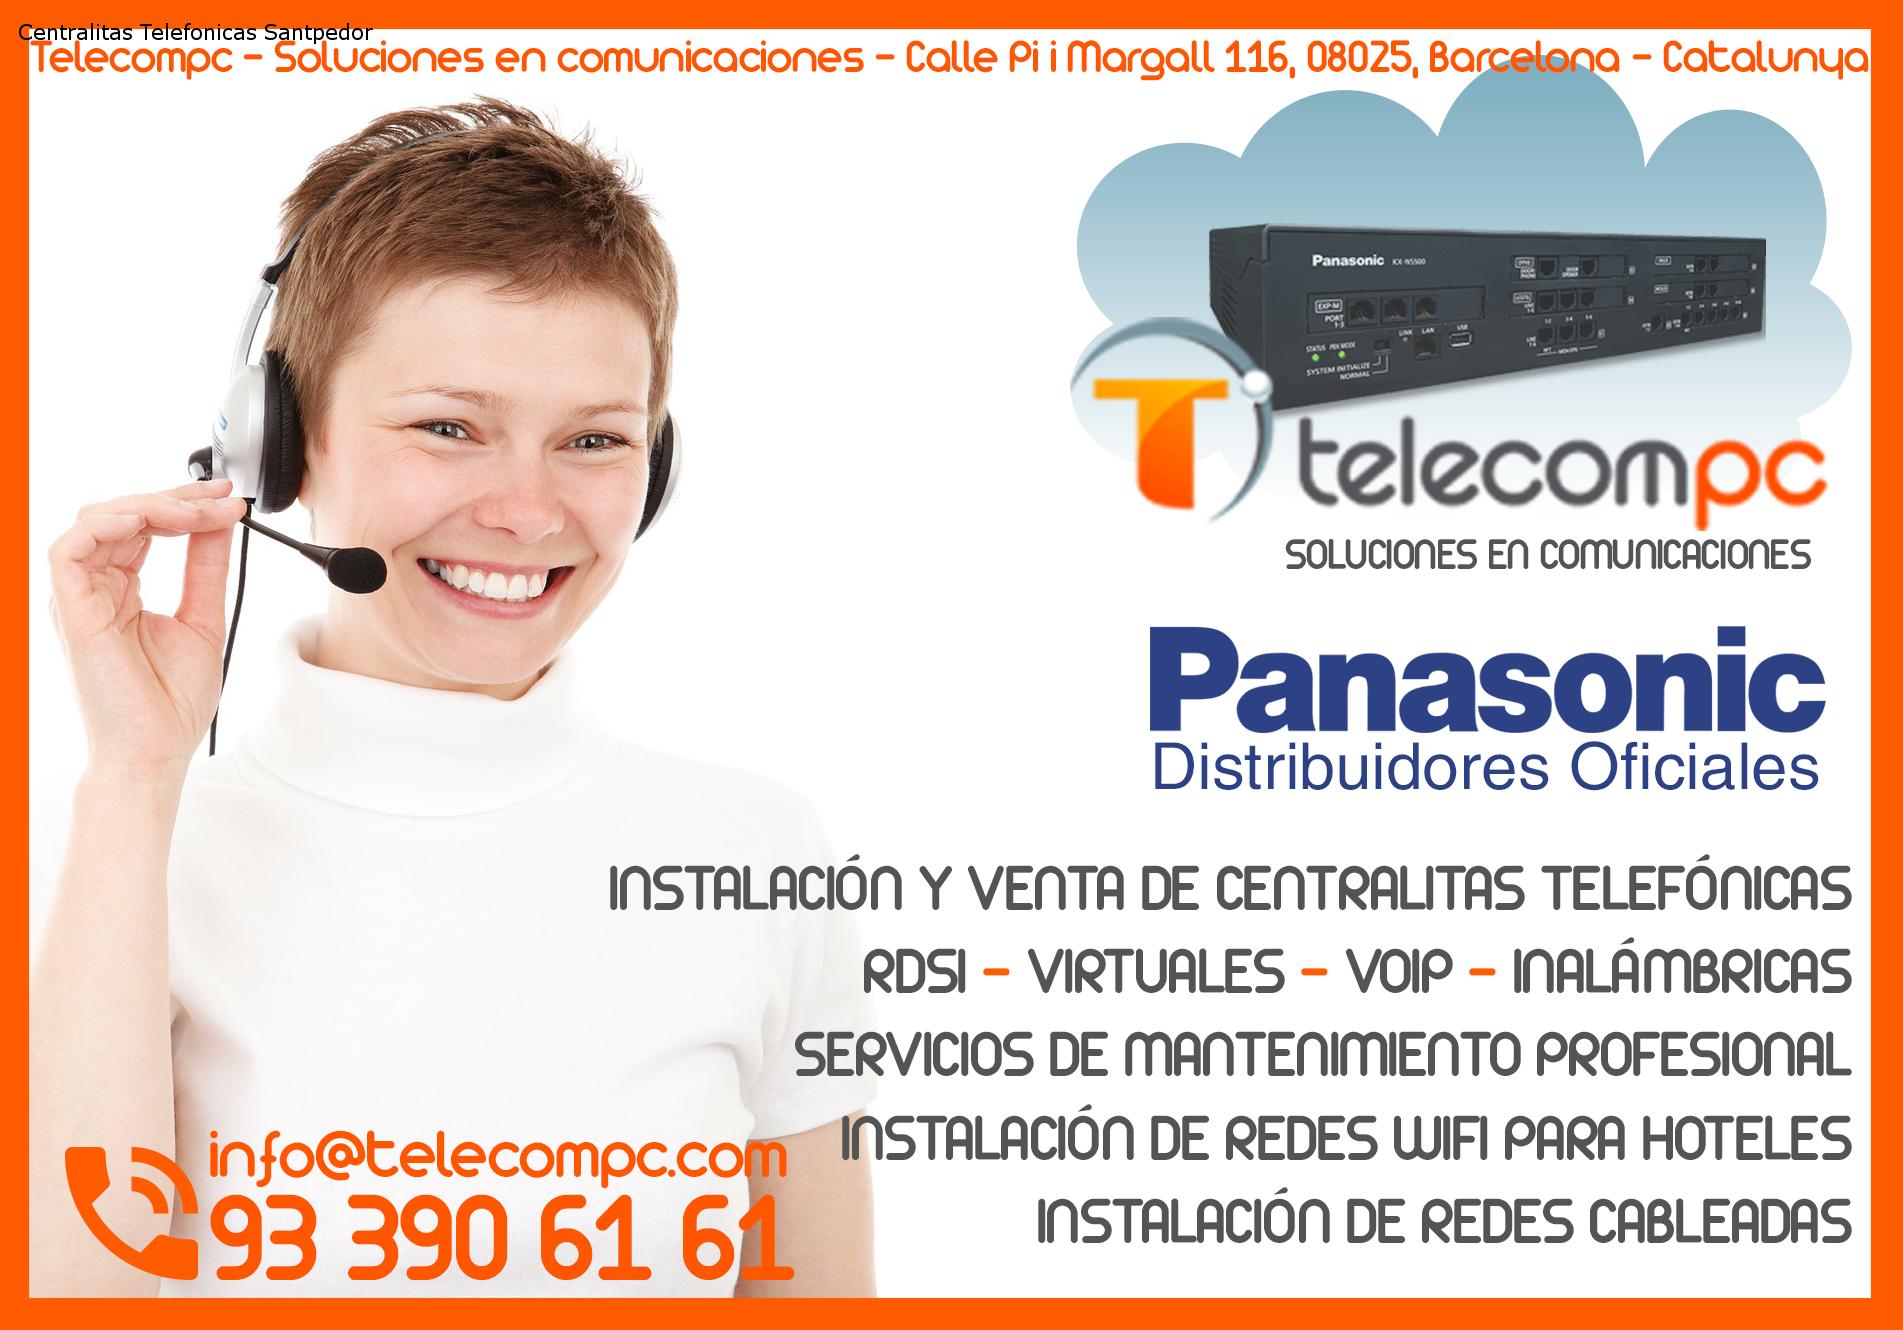 Centralitas Telefonicas Santpedor